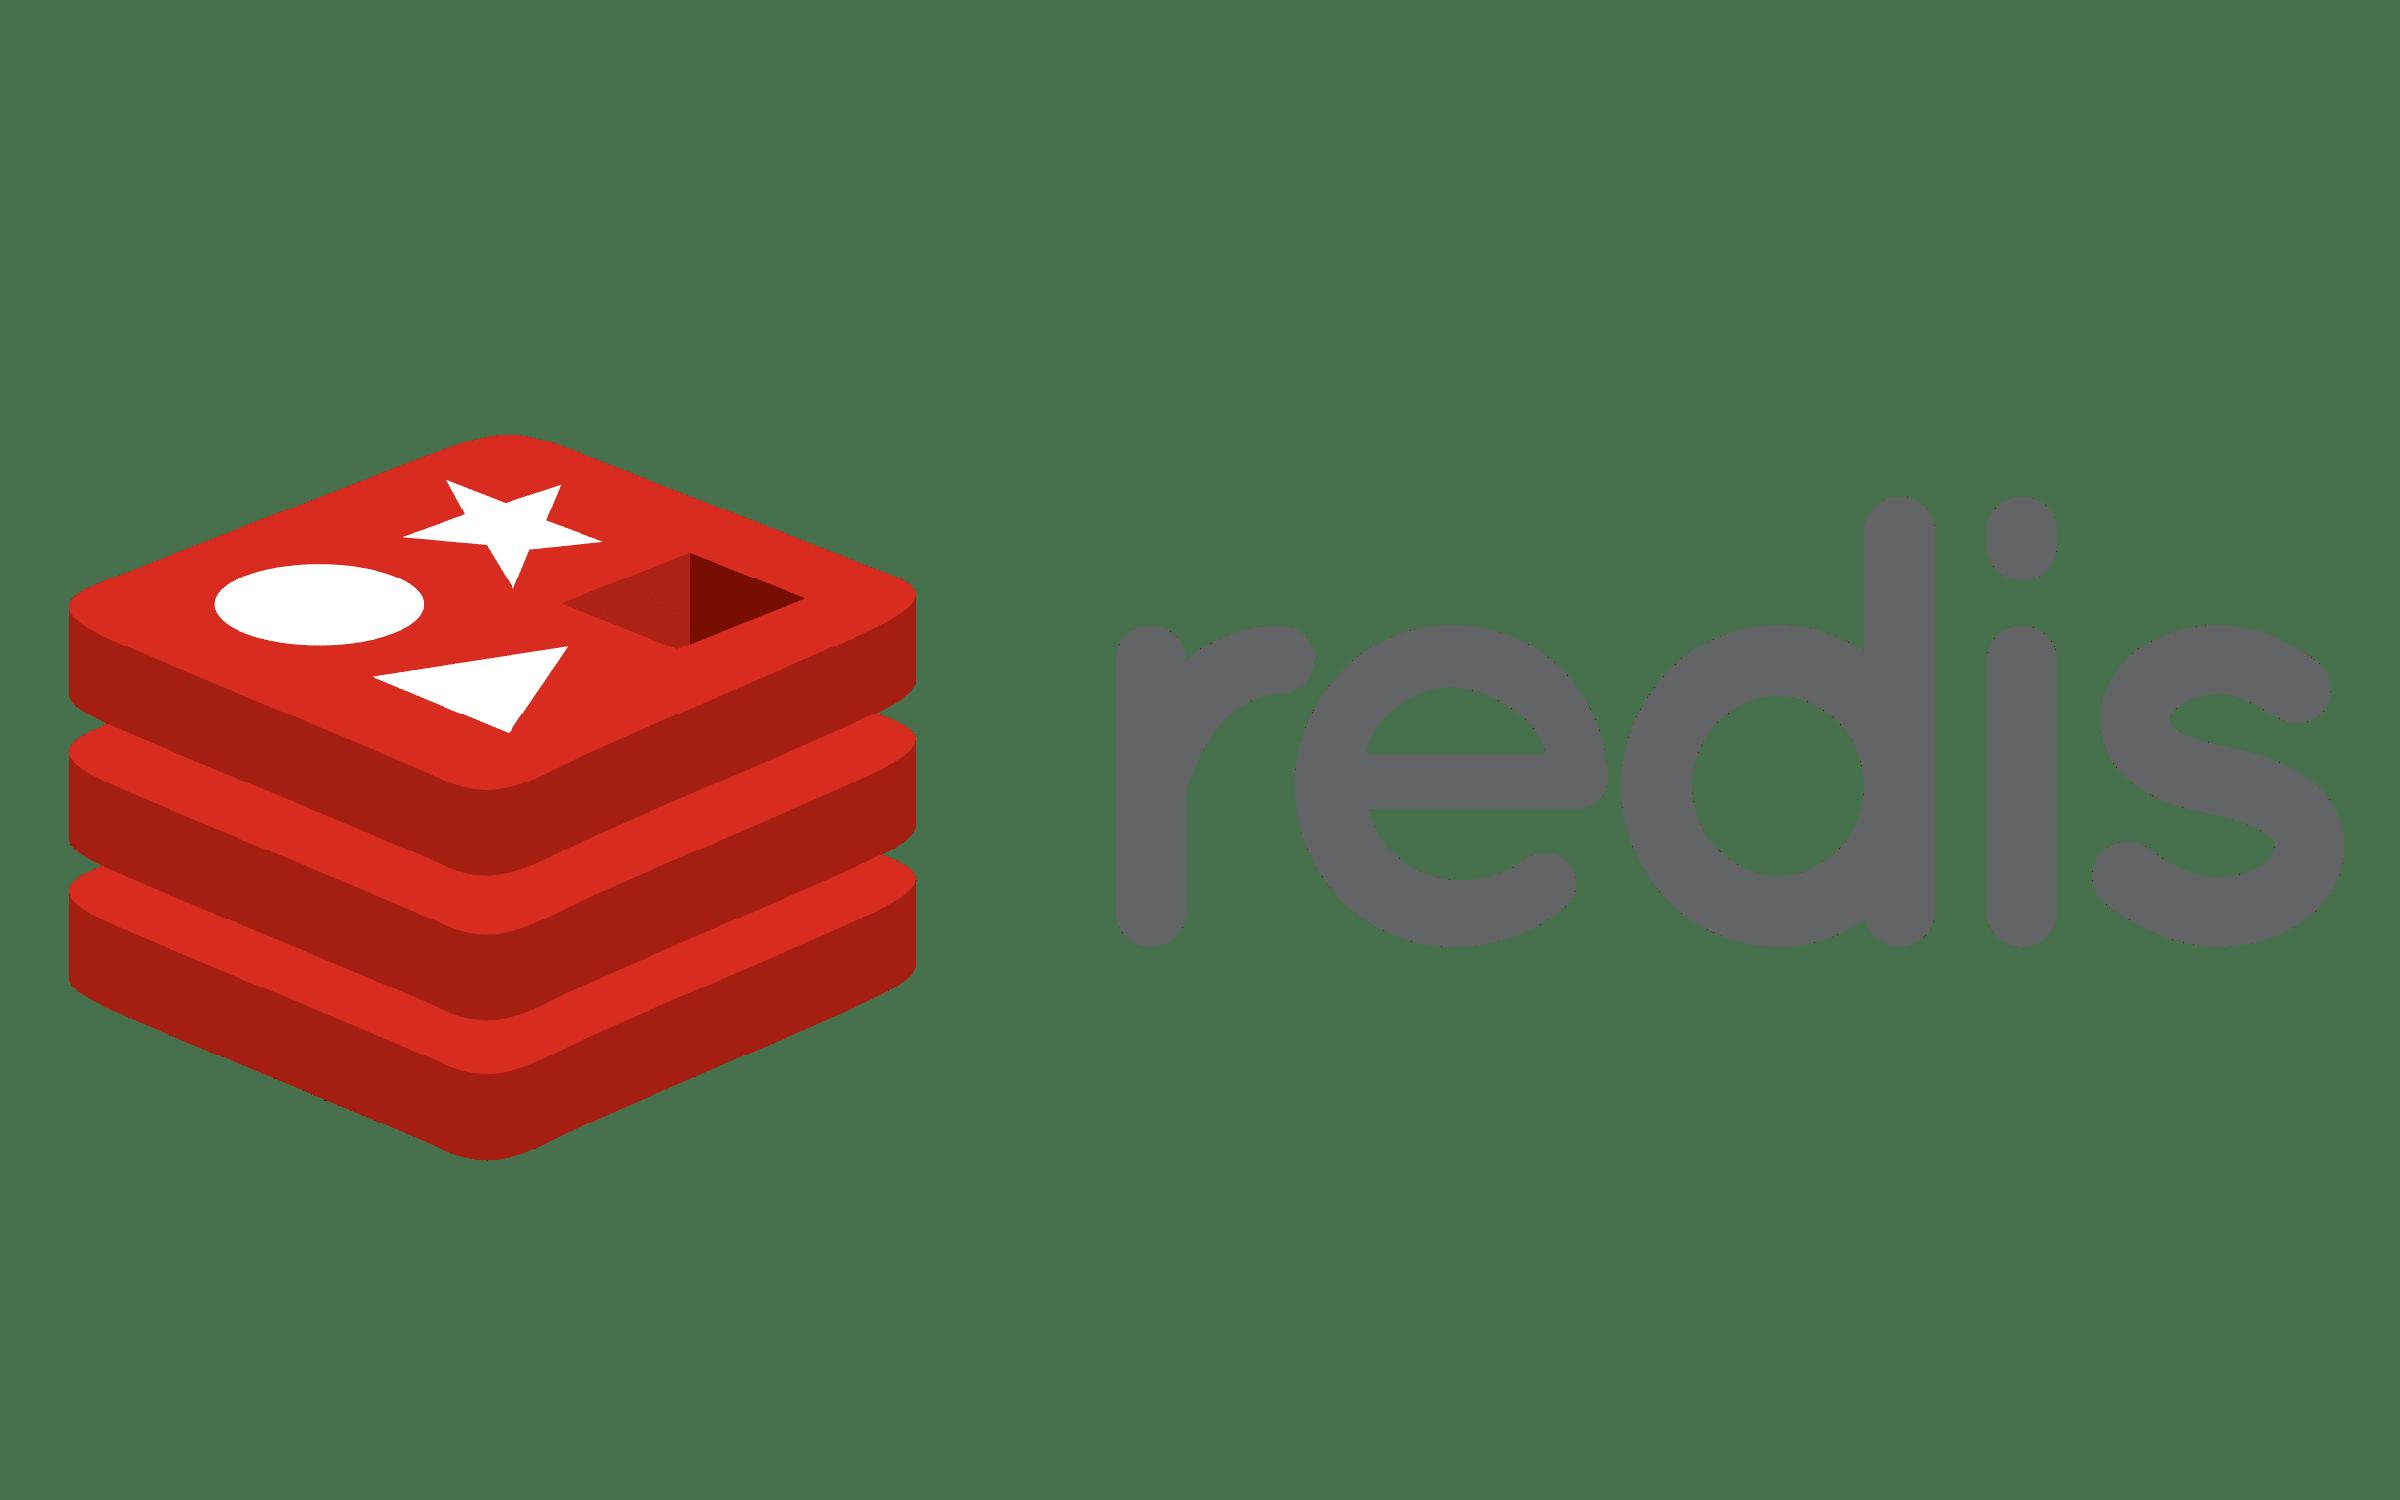 آموزش Redis - صفر تا صد Redis - آموزش Redis در 20 ساعت -